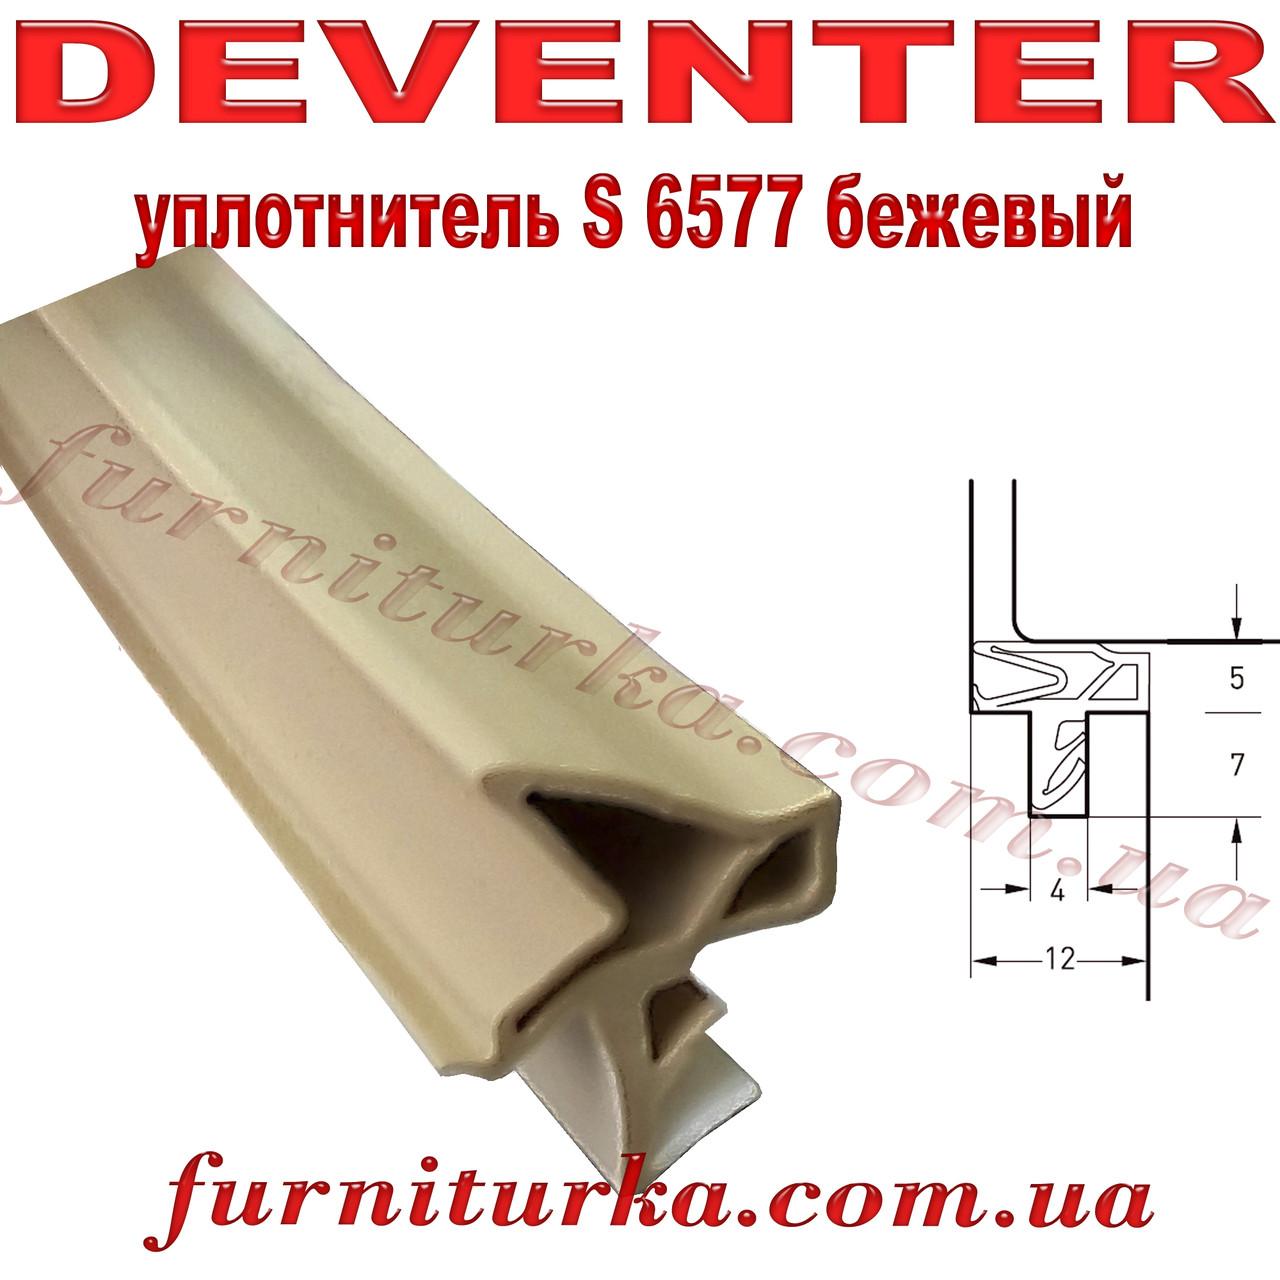 Уплотнитель дверной Deventer S 6577 бежевый